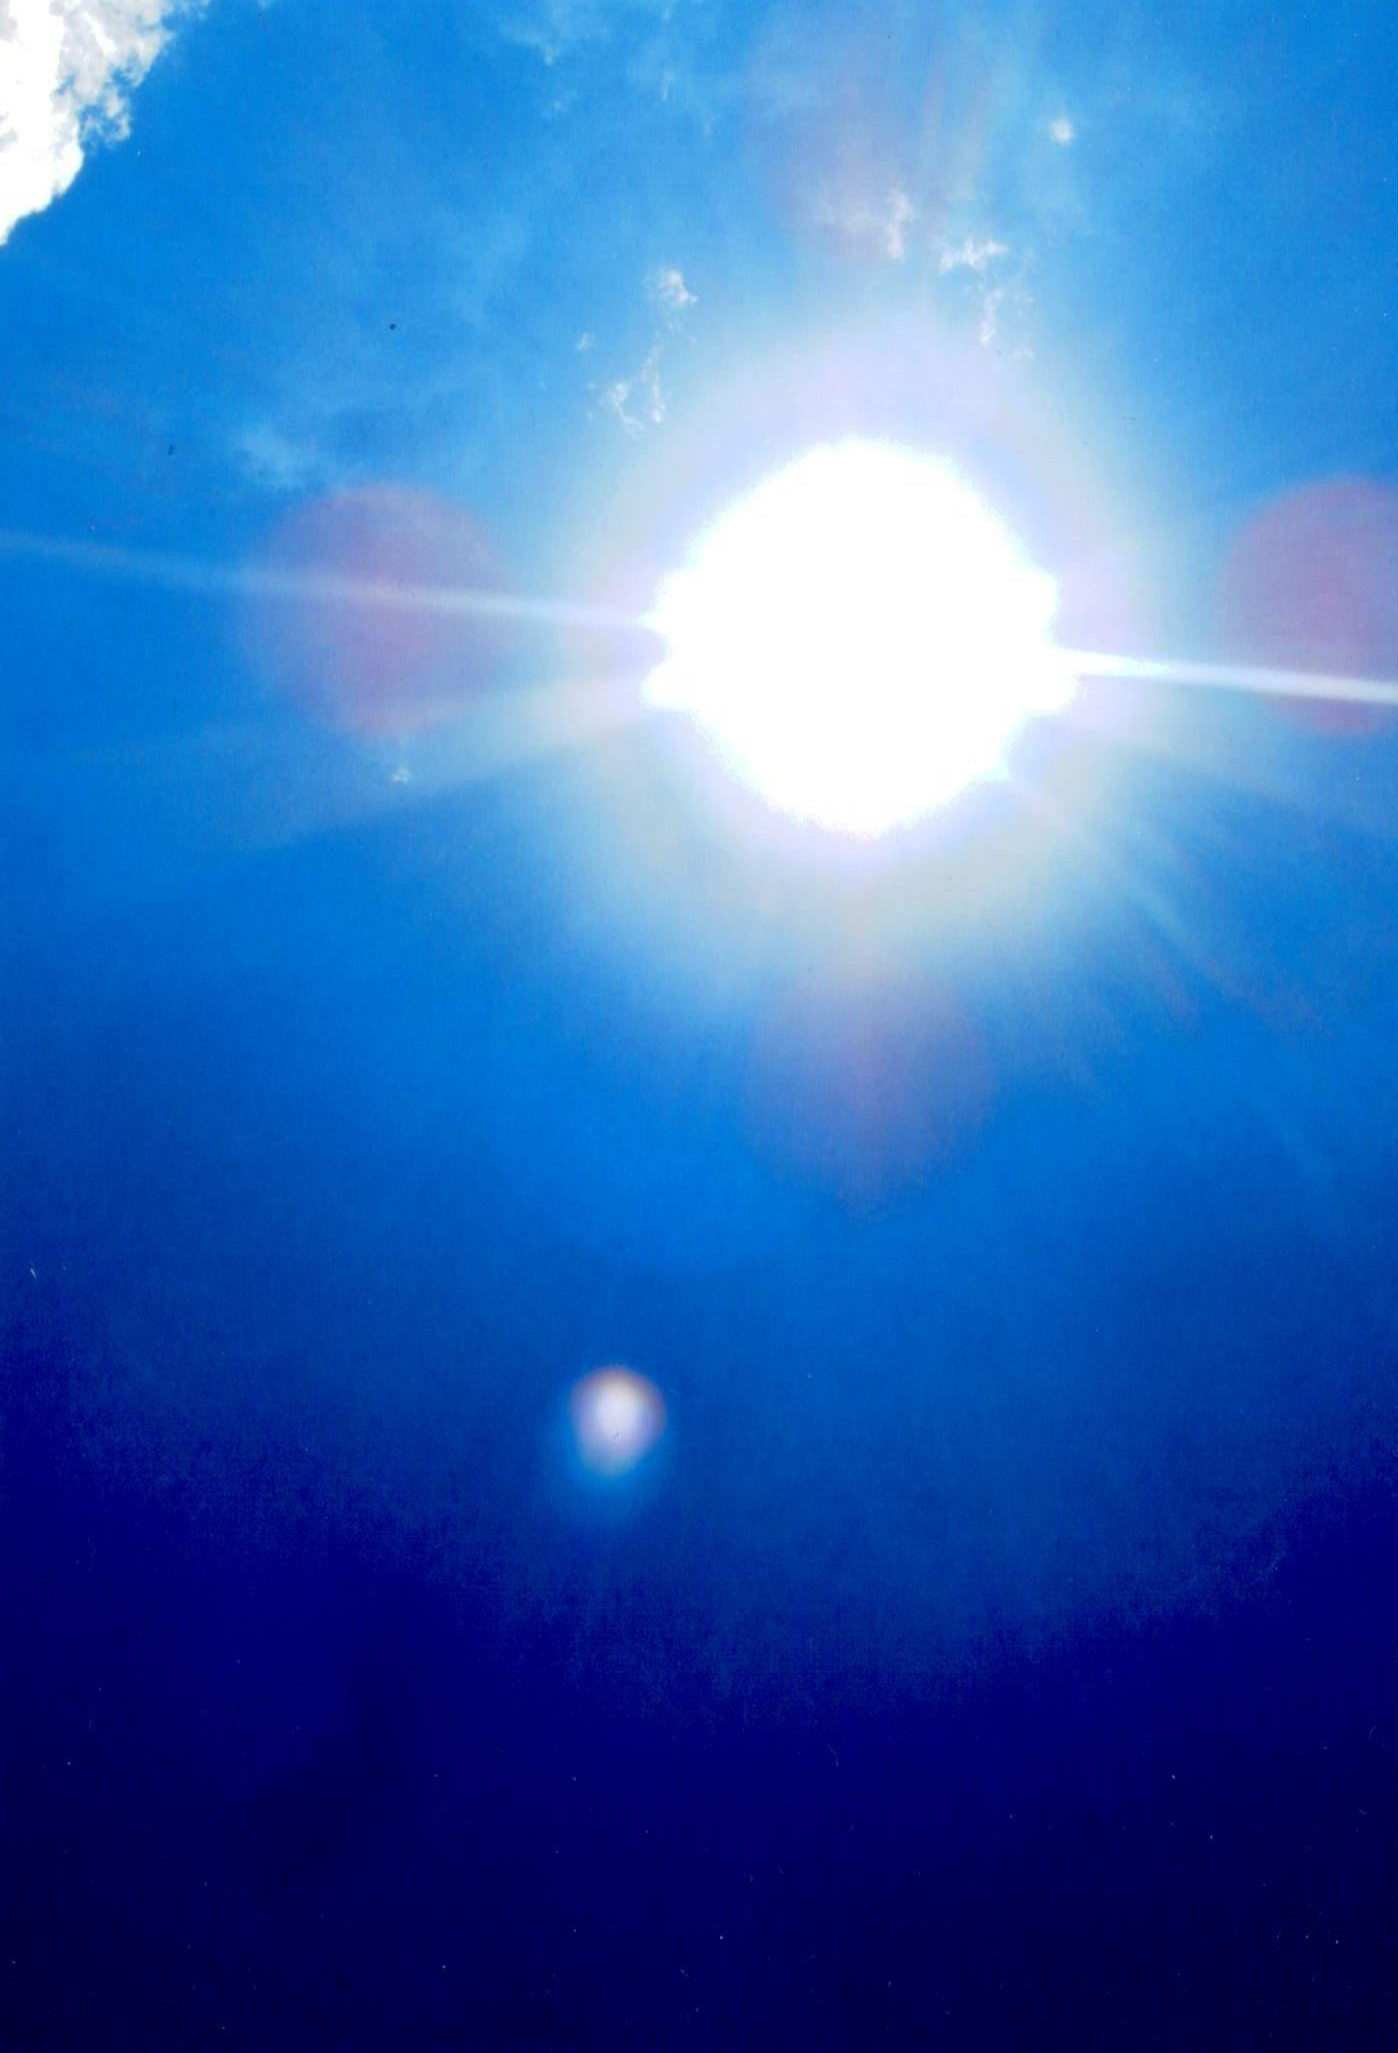 In questa foto ci sono i spiriti malefici che vogliono attaccare di nuovo al sole non si sa perchè sono contro la creazione di DIO UNIVERSALE perchè la sua bellezza non ha fine.